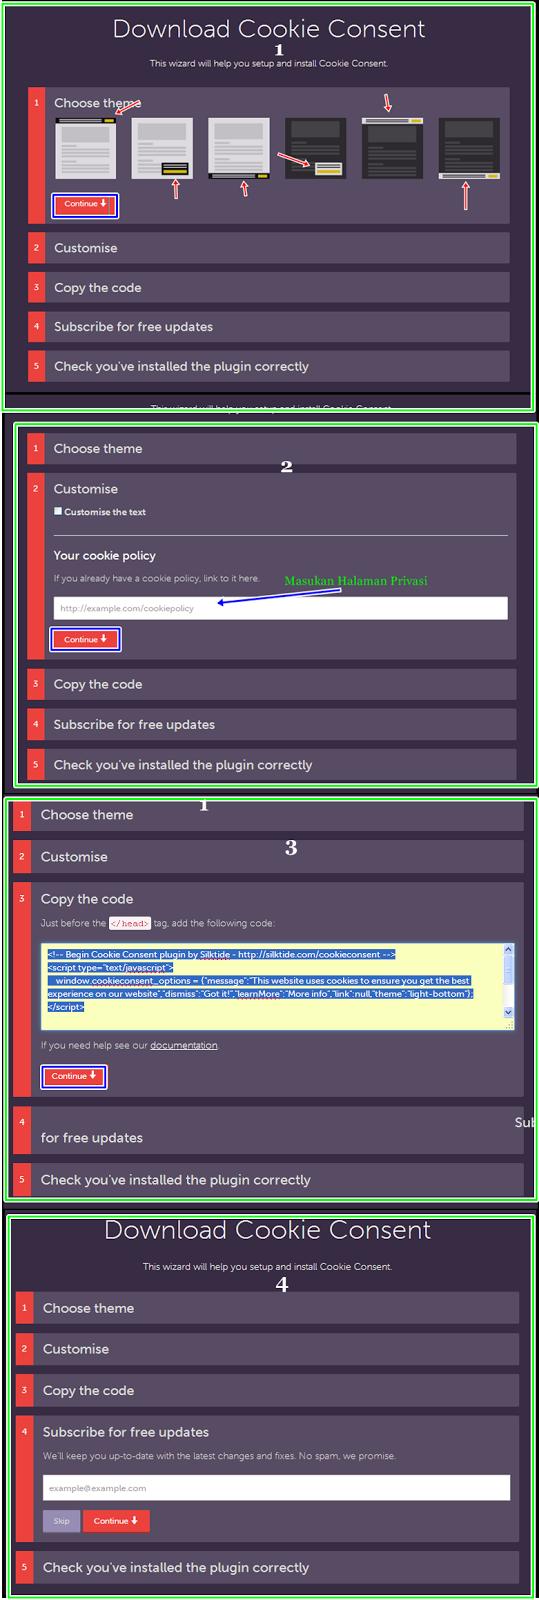 Petunjuk Meletakkan Kode Skrip Pemberitahuan and Menampilkan Google Cookies